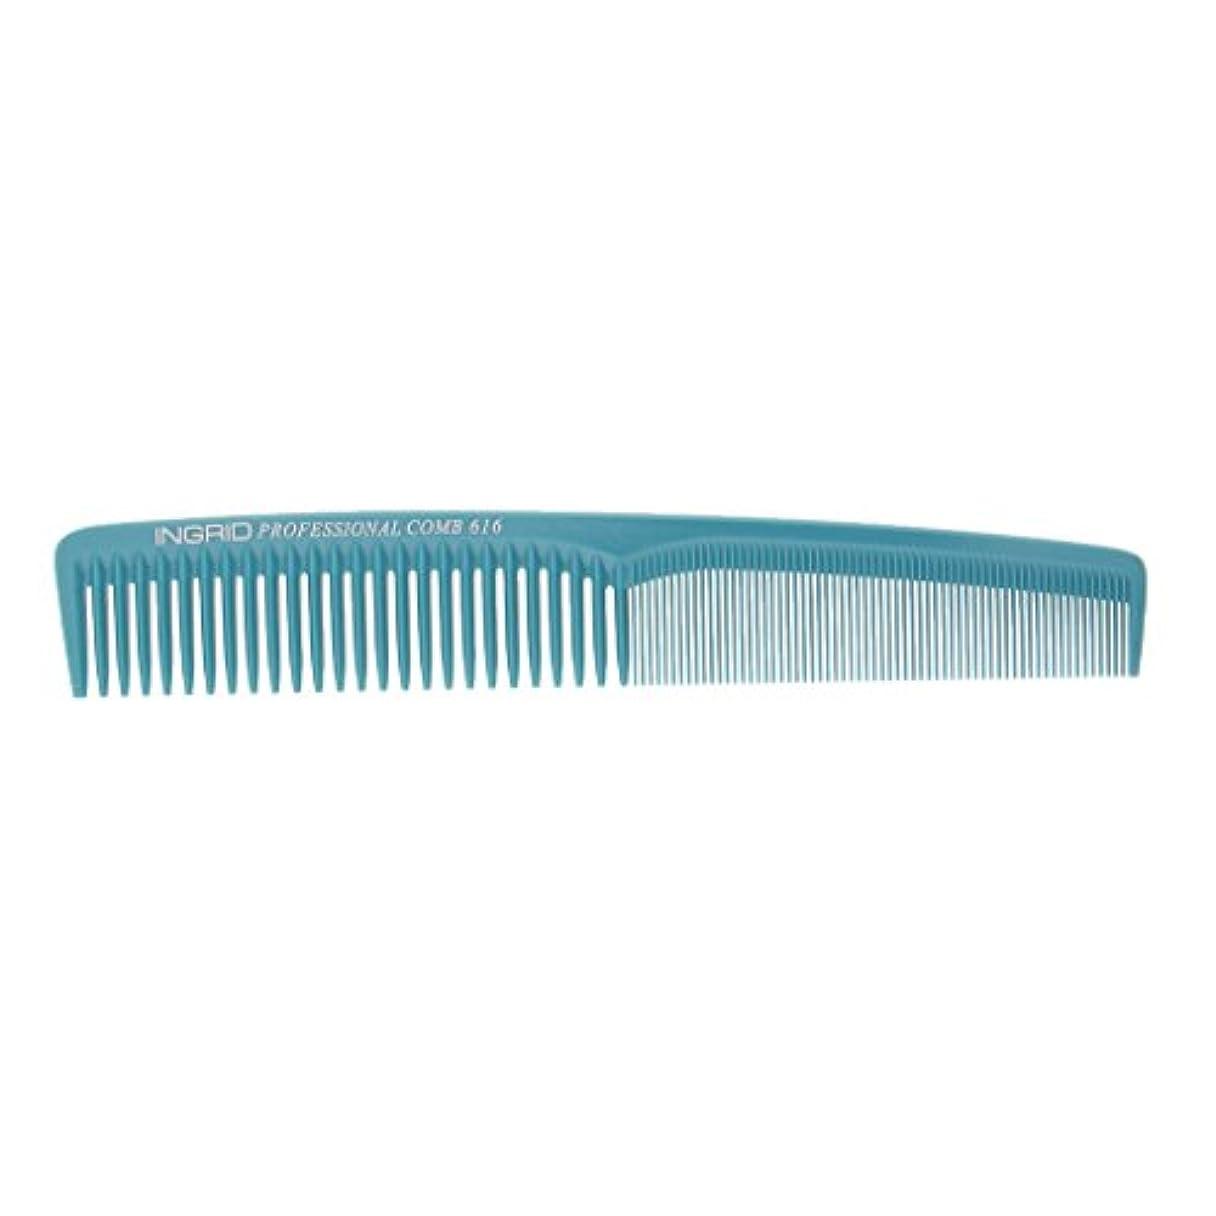 ノミネートぼんやりした最近FutuHome ファッショナブルなヘアカット理髪師美容院プラスチック製の櫛 - ライトブルー